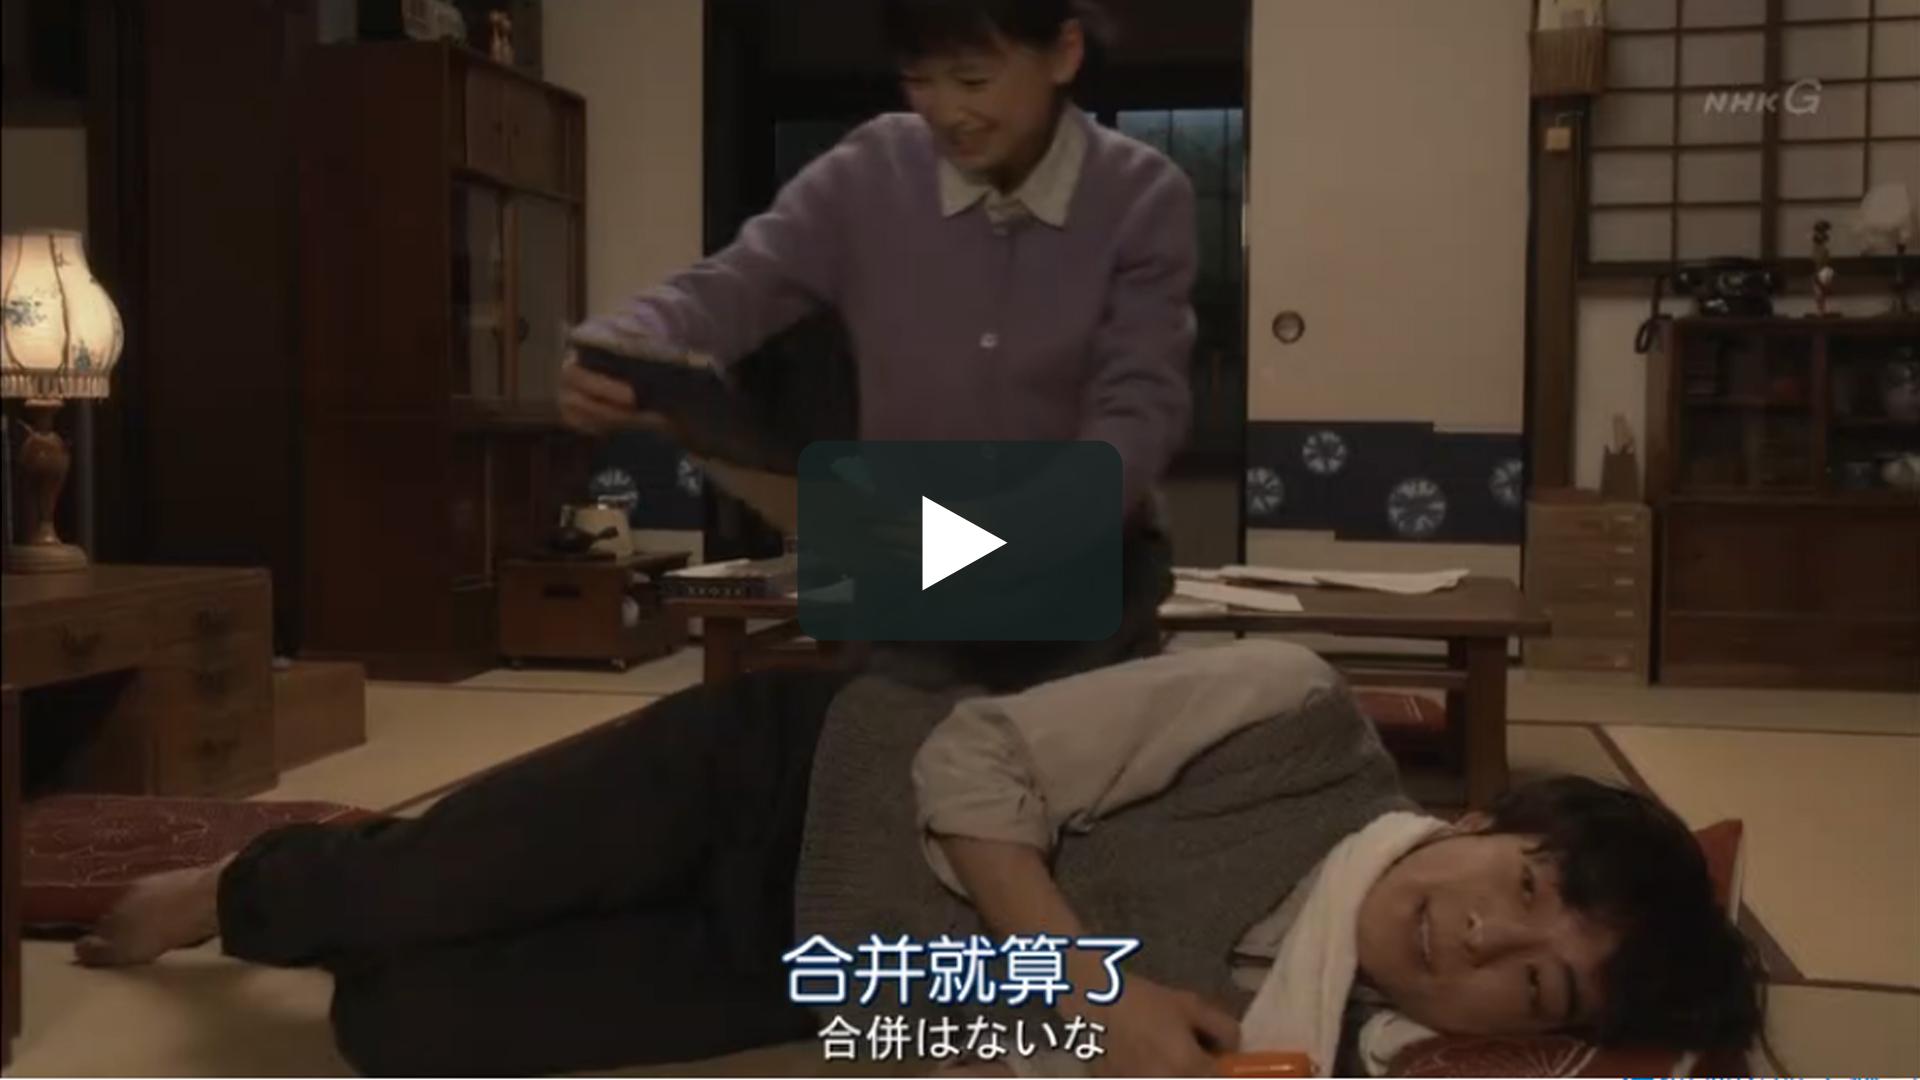 三日月 Mikazuki EP02